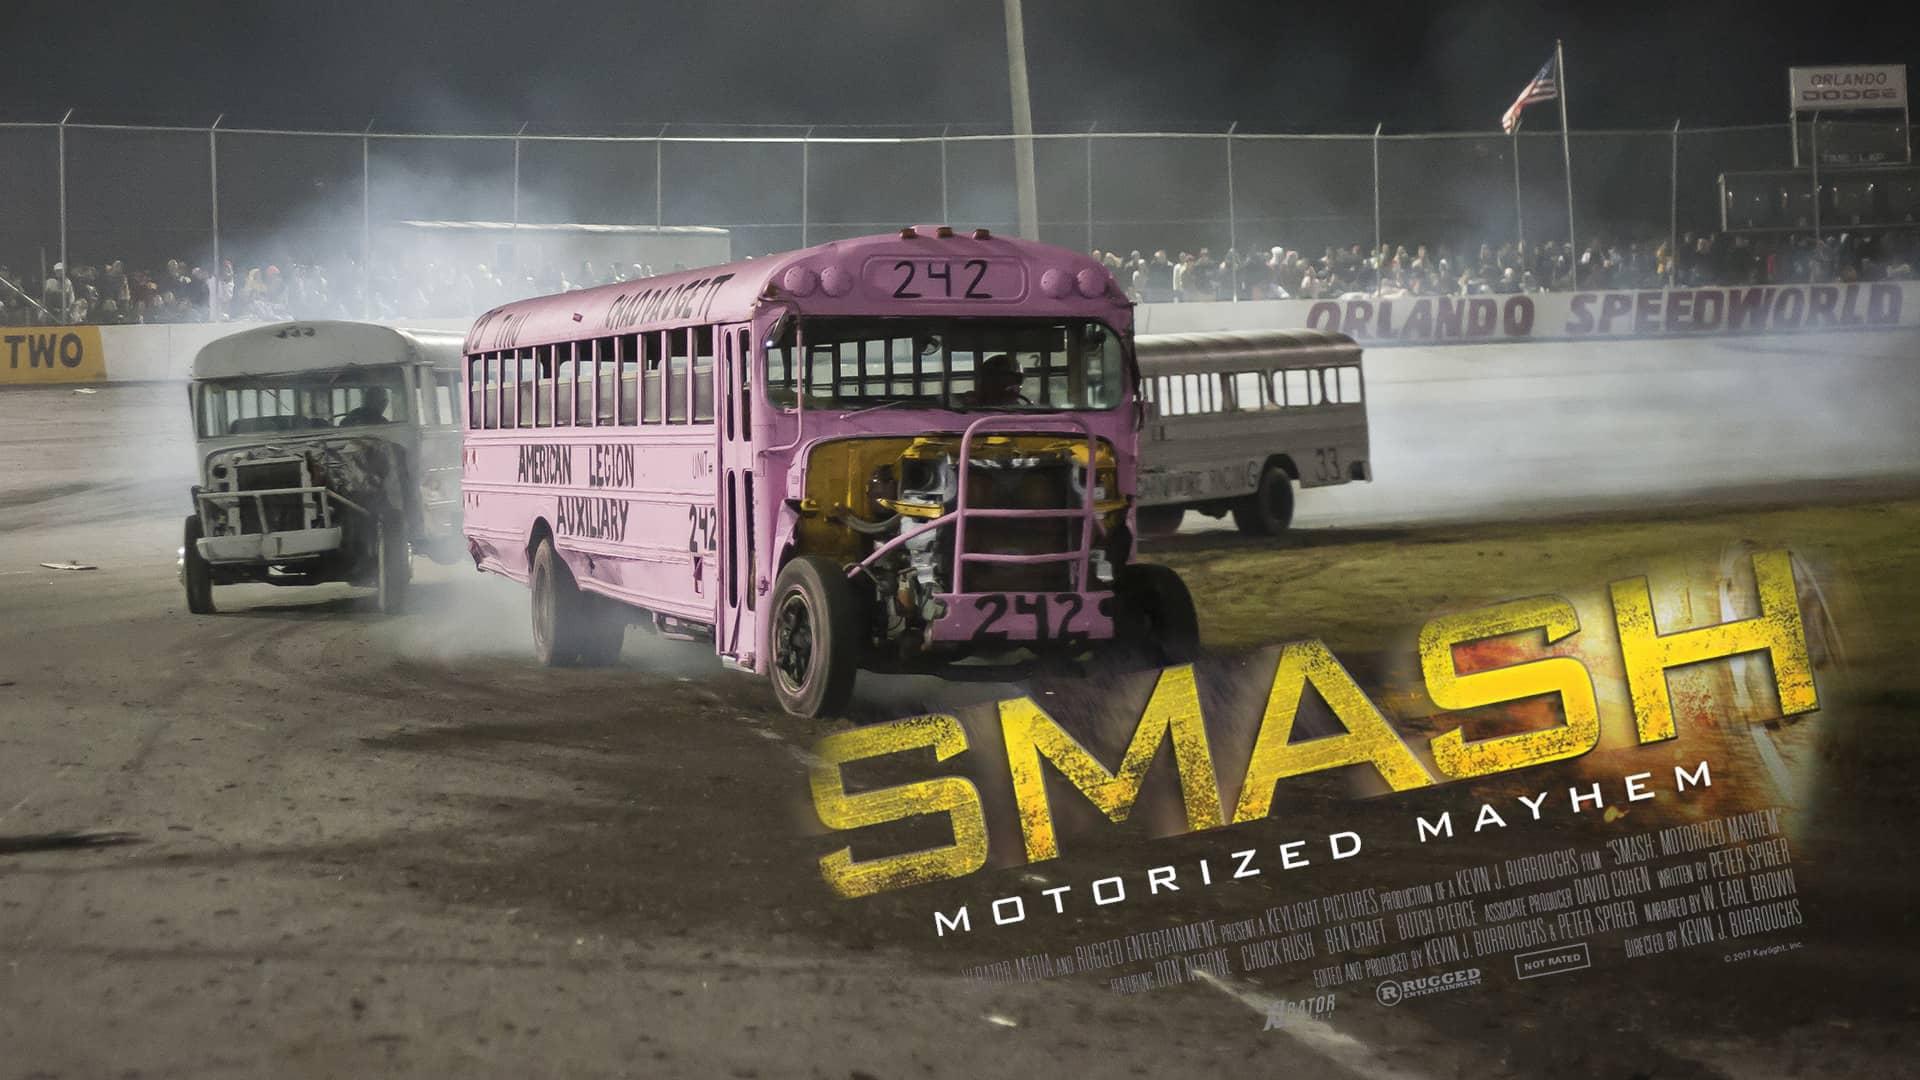 Resultado de imagem para Smash: Motorized Mayhem